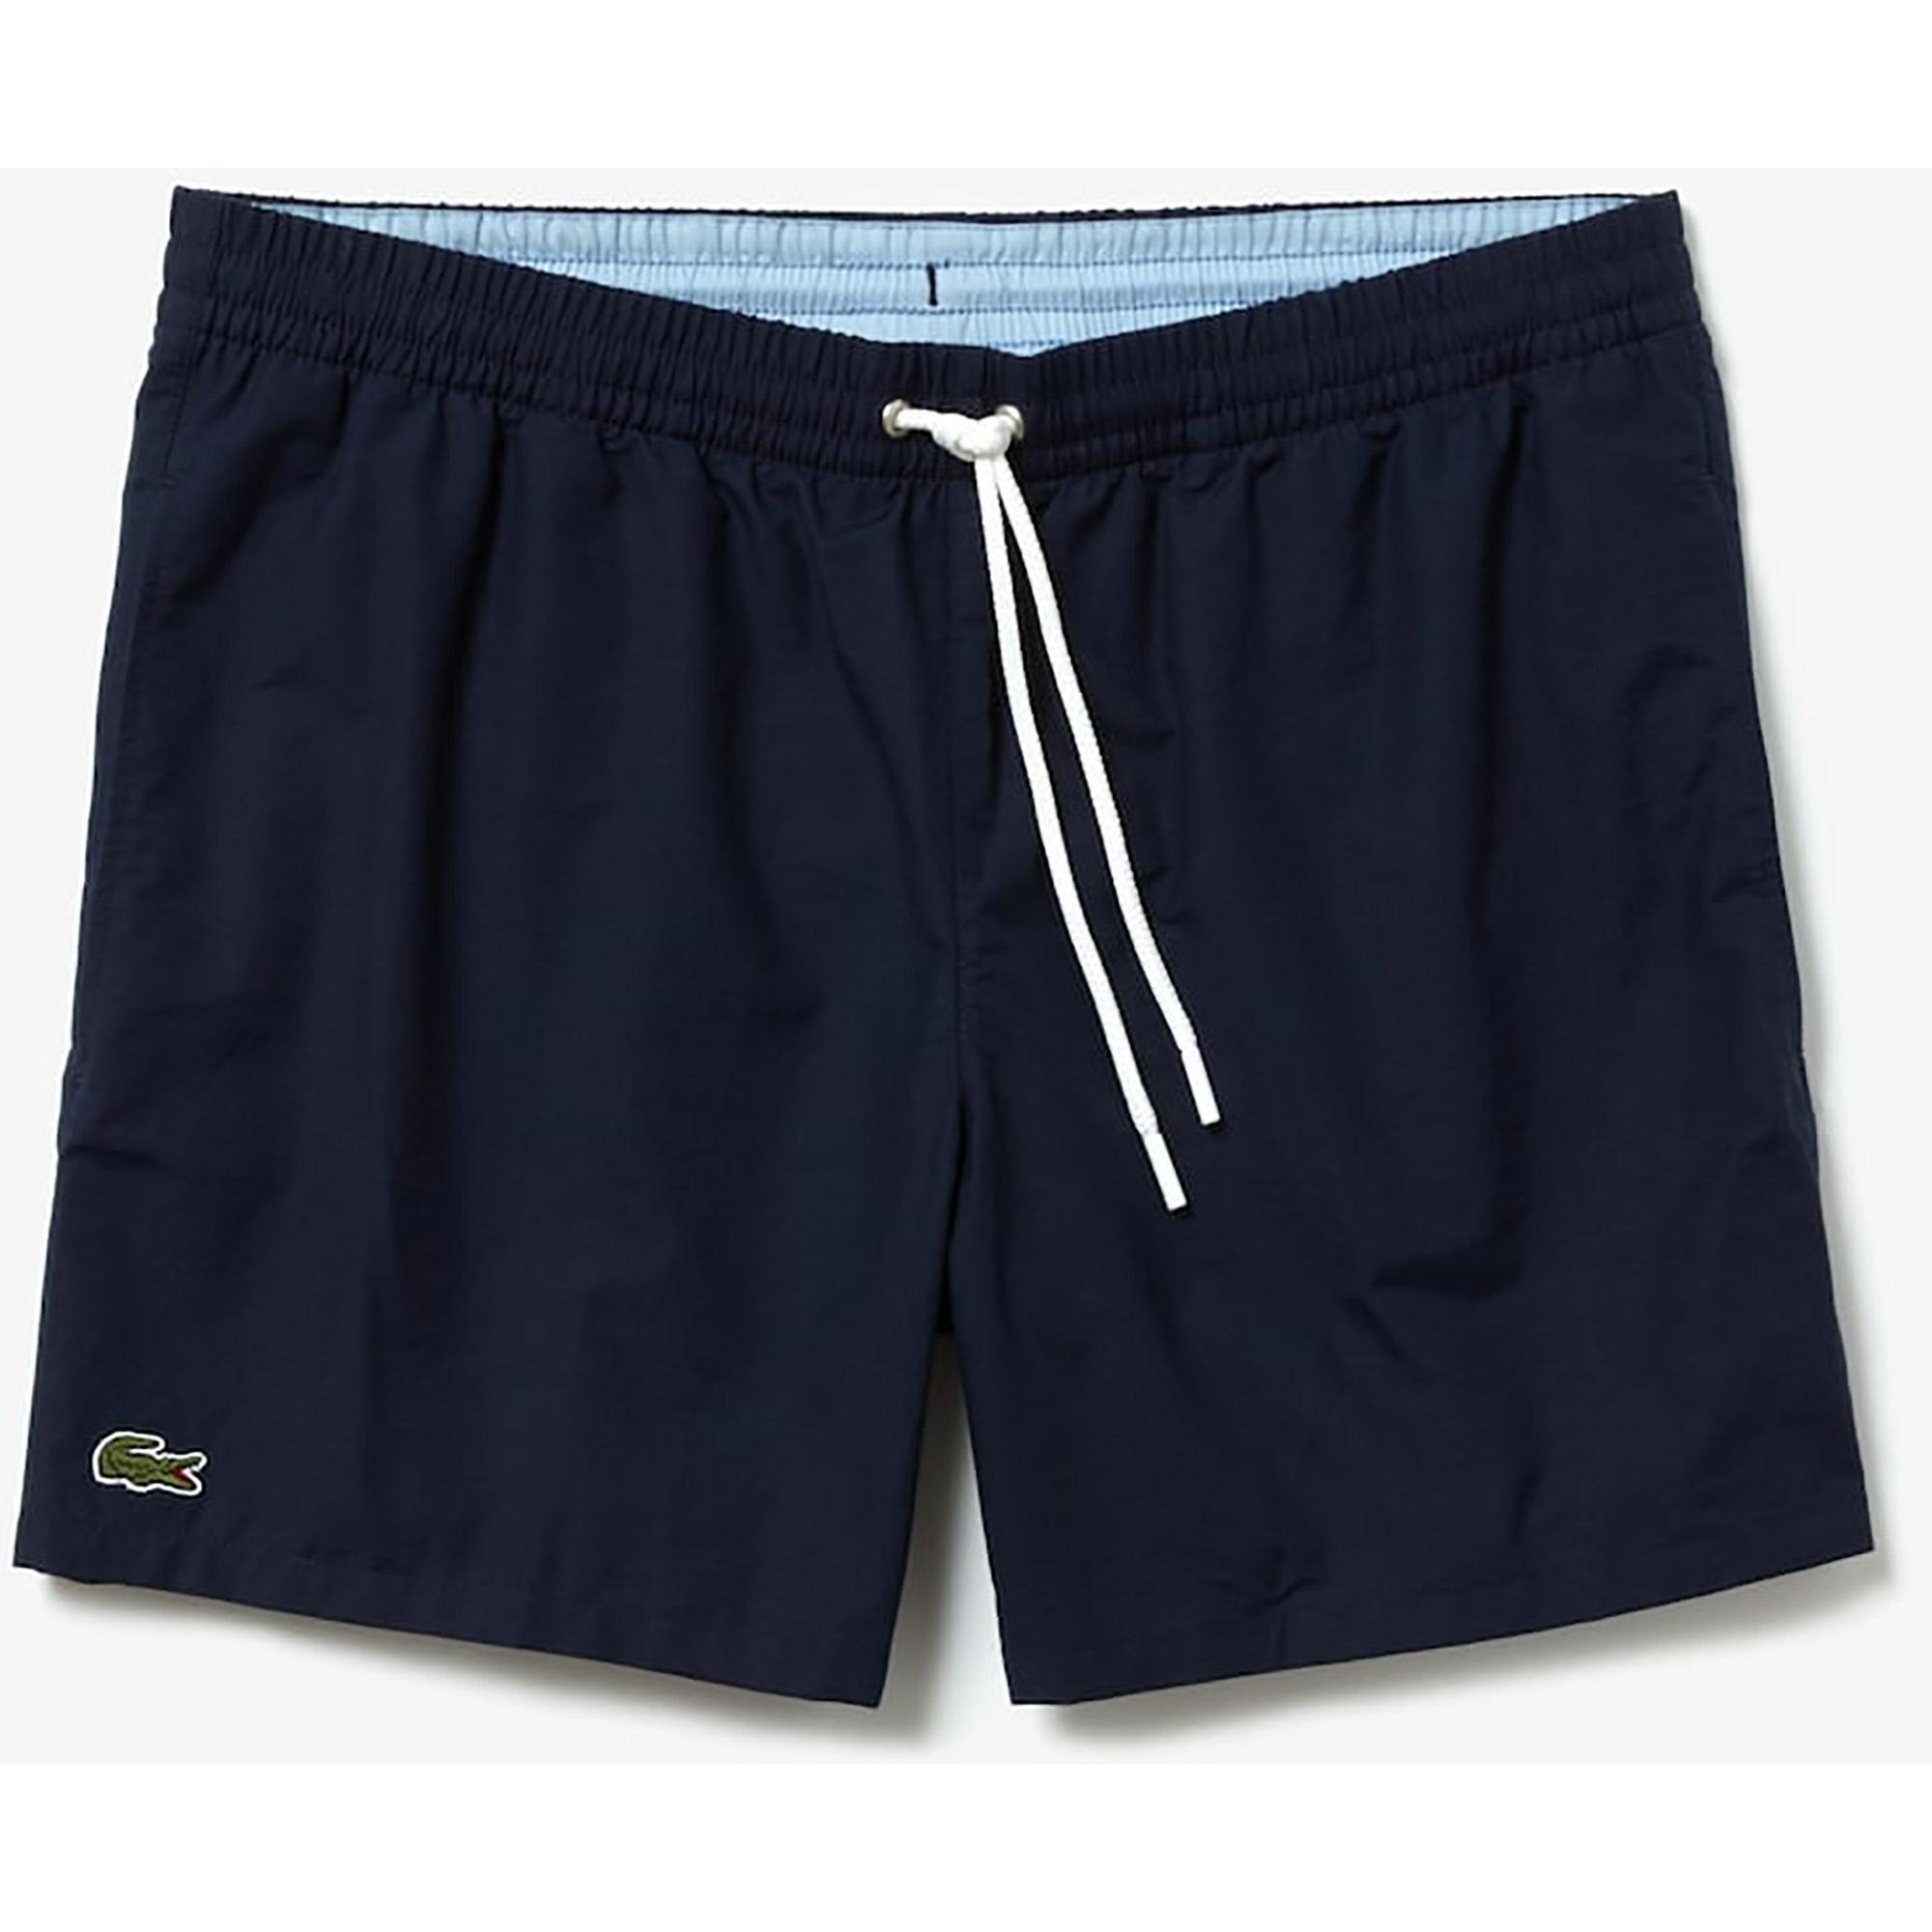 0f3b1eebd4 Lacoste Mens Taffeta Trunks - Navy Blue/Light Blue - Tennisnuts.com